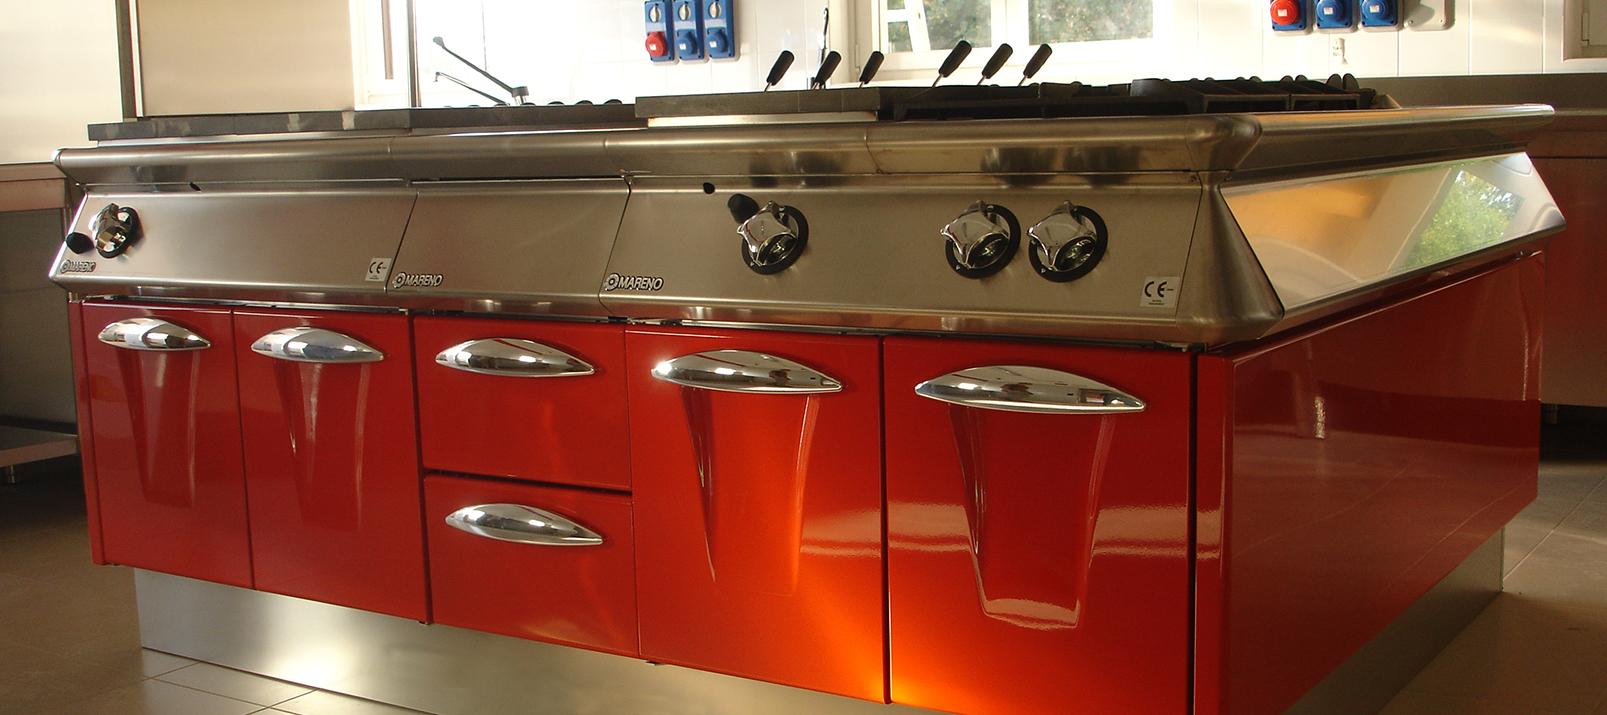 Cucine Per Ristorazione Usate.Cagif Attrezzature Per Ristorazione Padova Vendita Noleggio